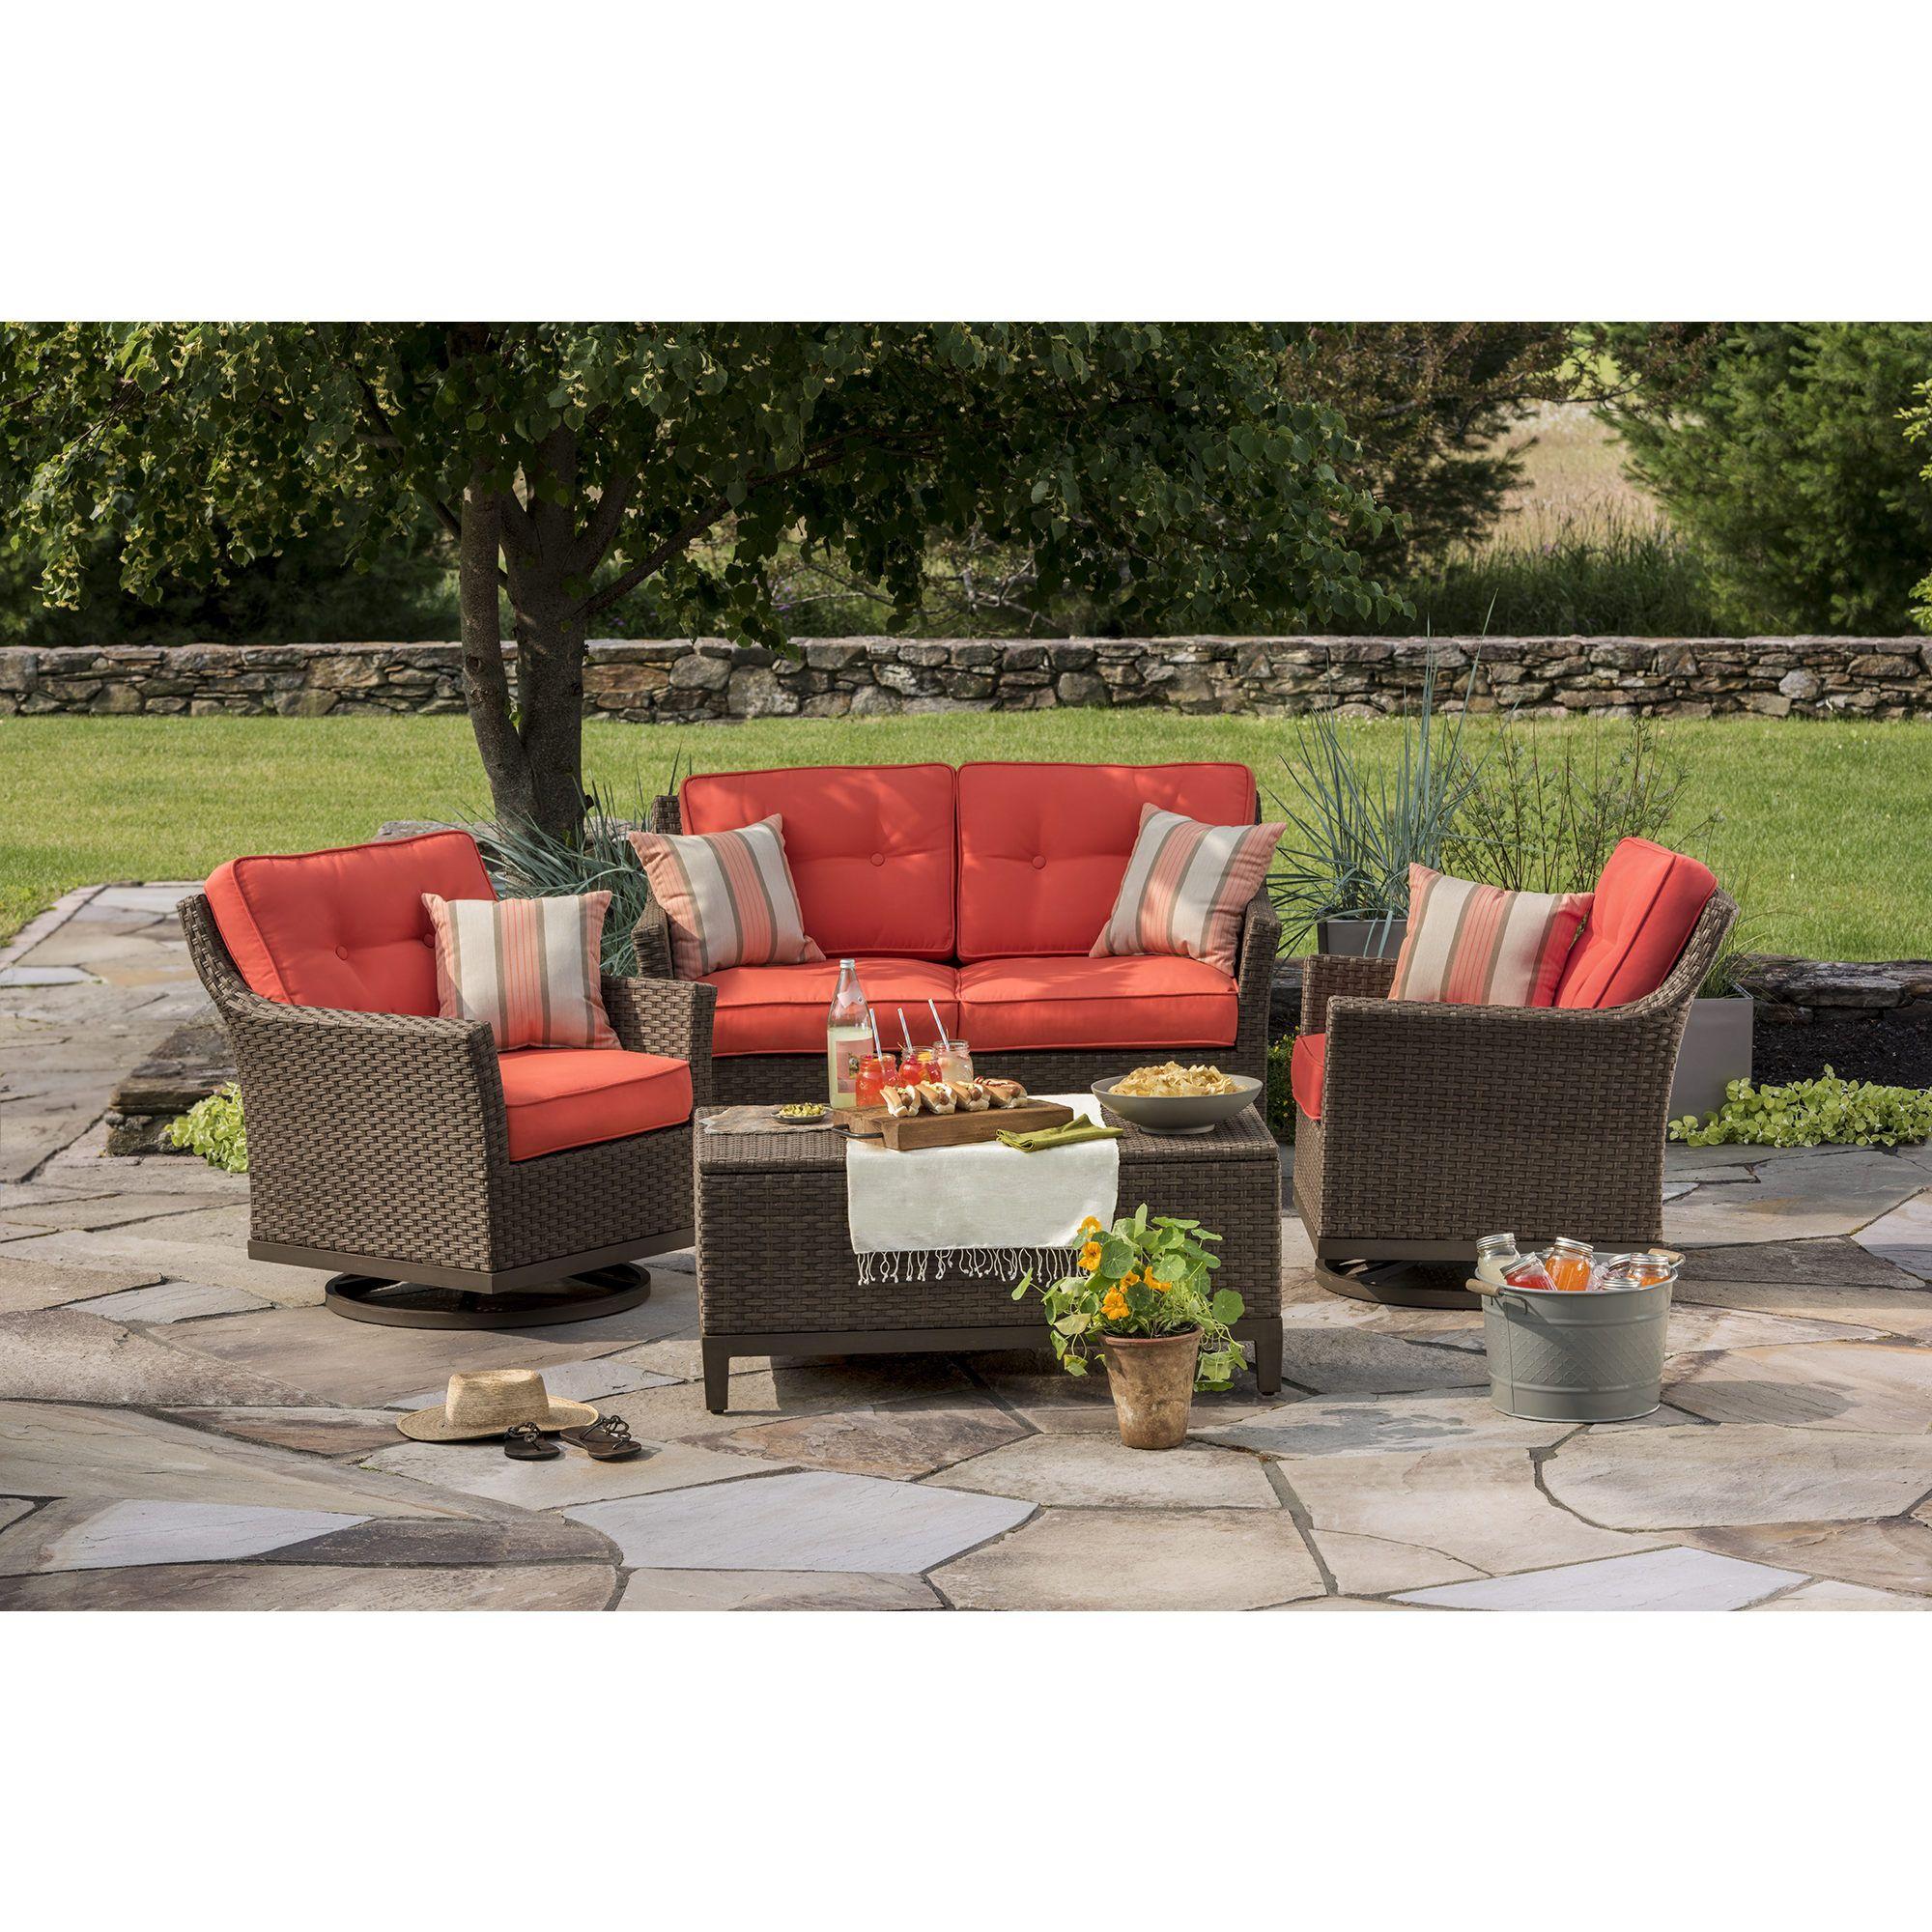 beaumont sofa bjs wooden design in desh berkley jensen antigua 4 piece wicker patio set outdoor living wholesale patios nice place